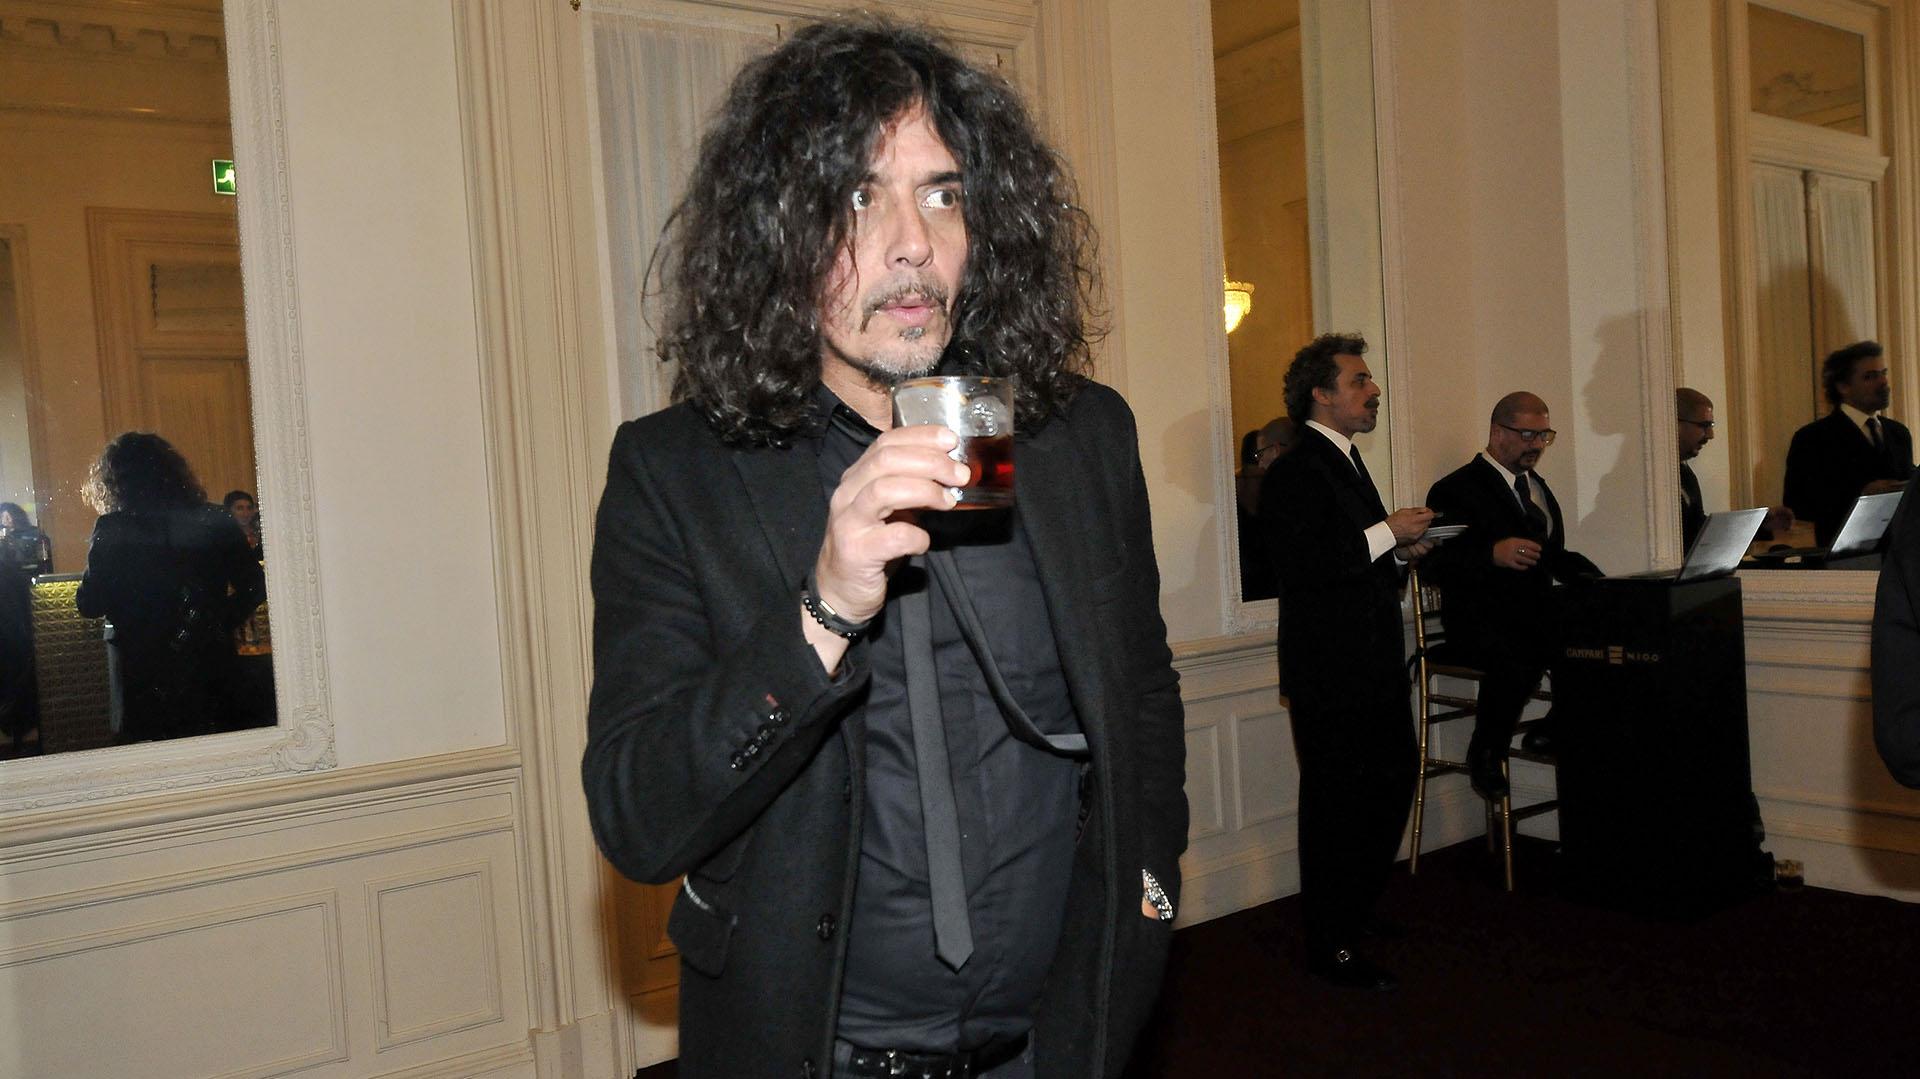 Zorrito Von Quintiero eligió un un saco y camisa negra. El músico también estuvo presente en el festejo de los 100 años de Campari